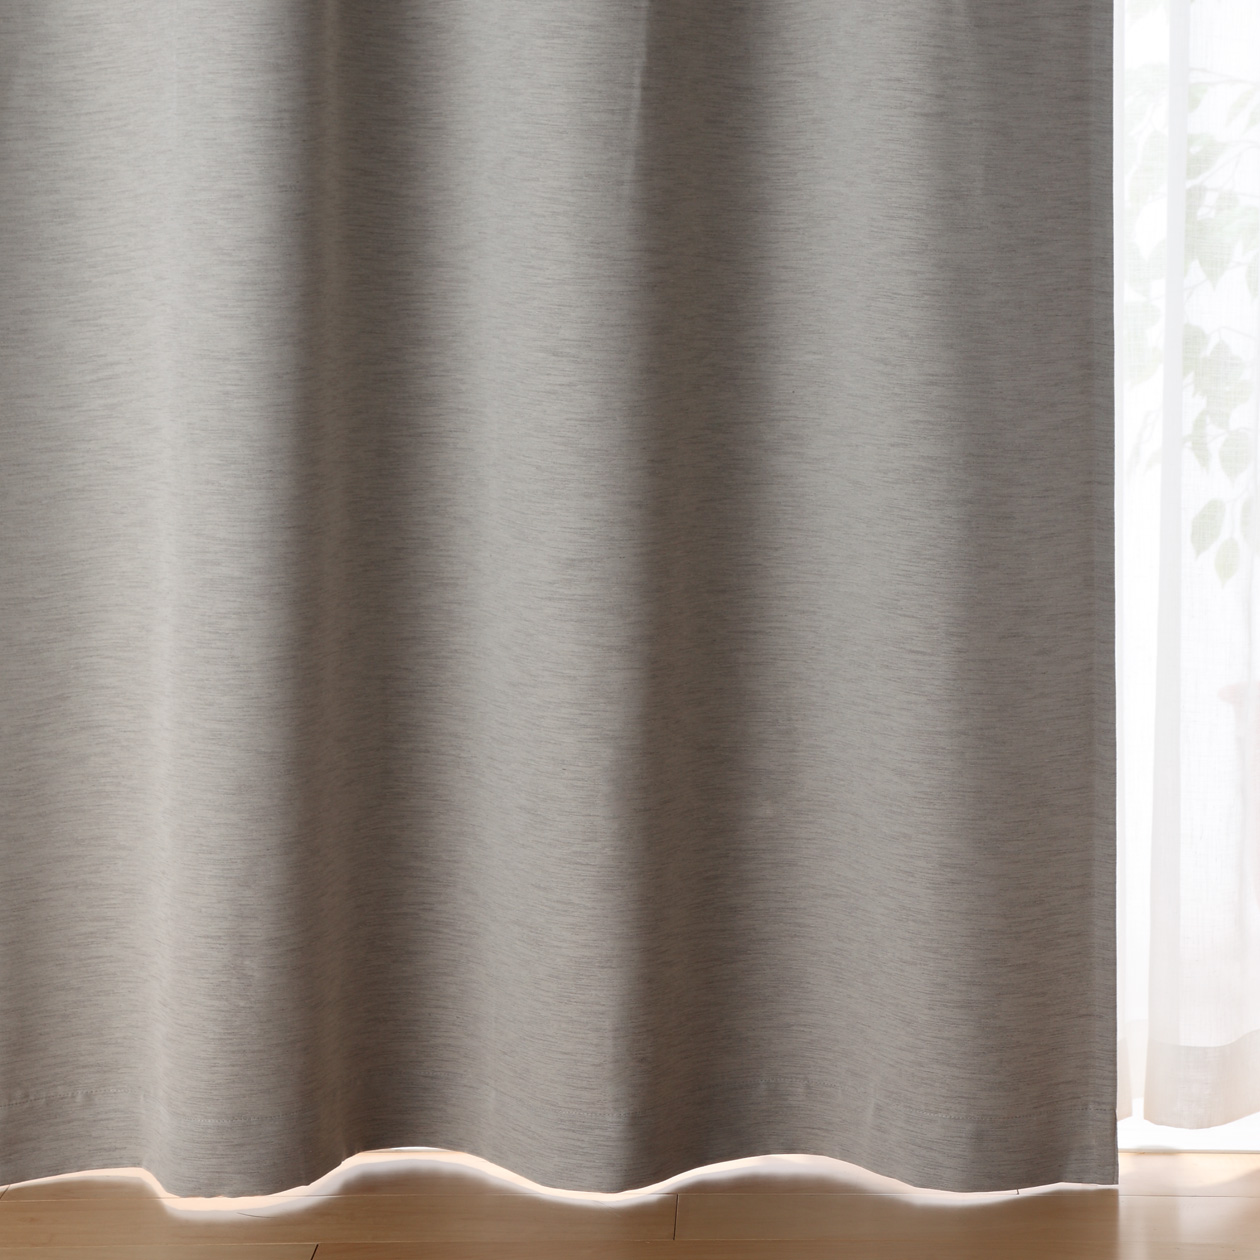 ポリエステルスラブ(防炎・遮光性)プリーツカーテン/グレー 幅100×丈200cm/グレー